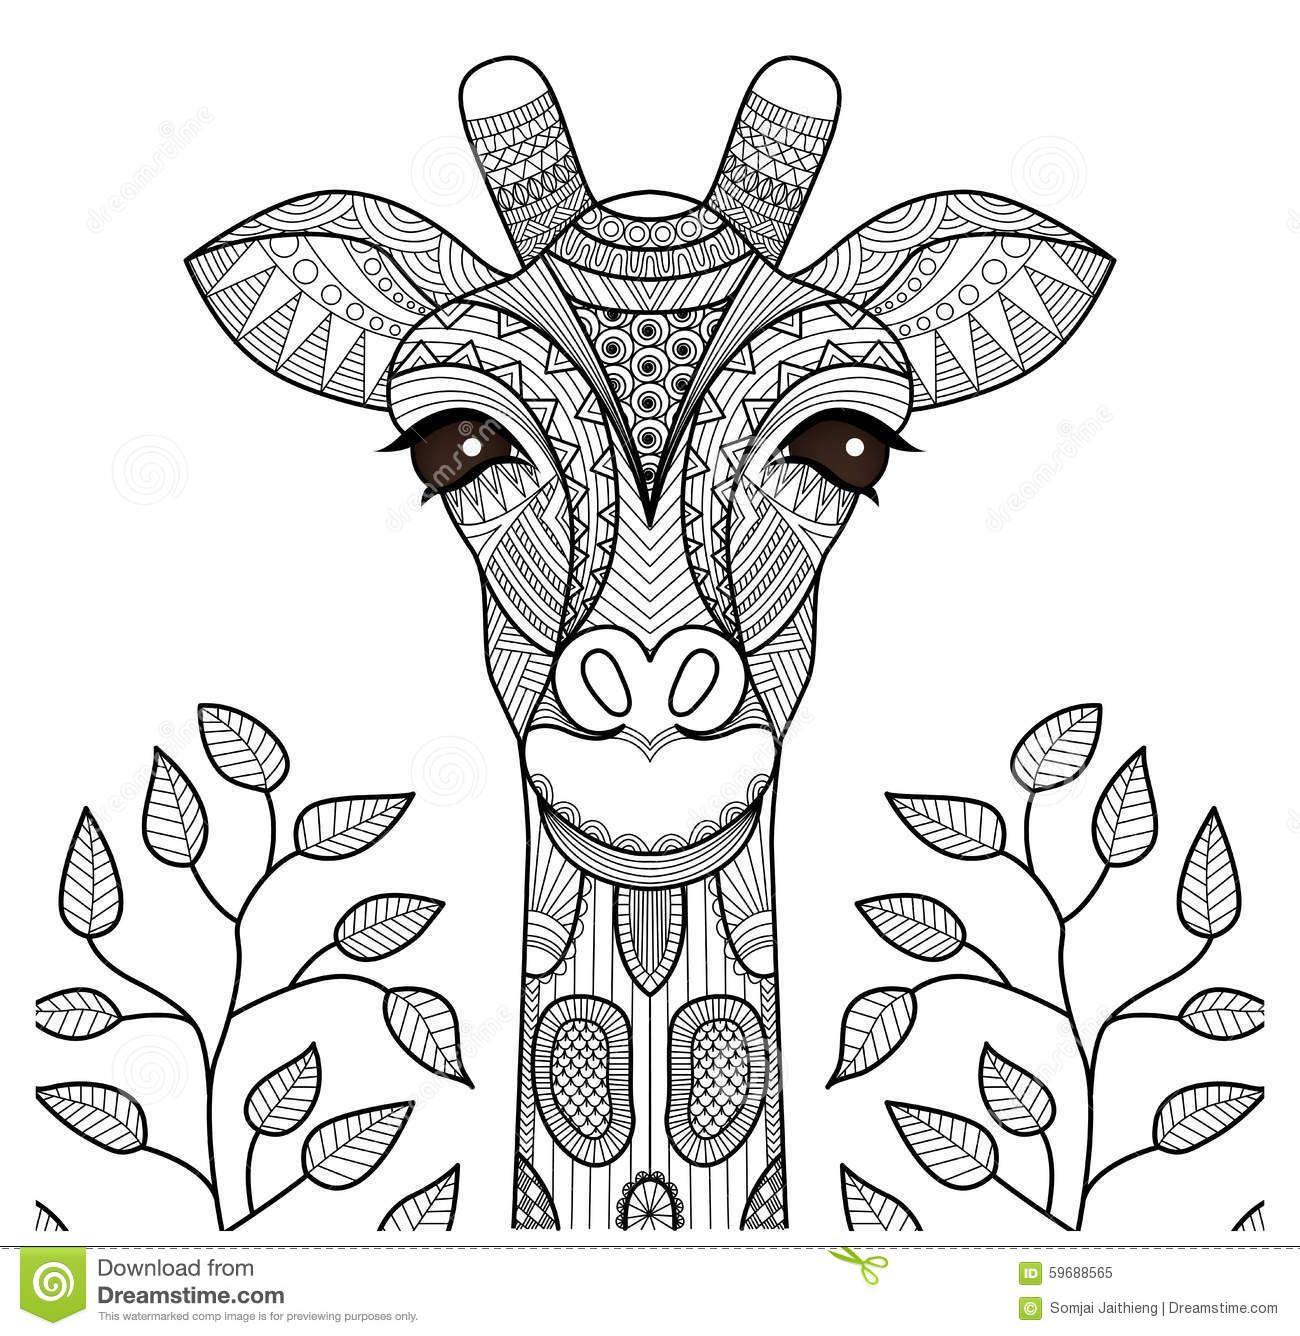 Image result for giraffe totem sketch | Doodles | Pinterest